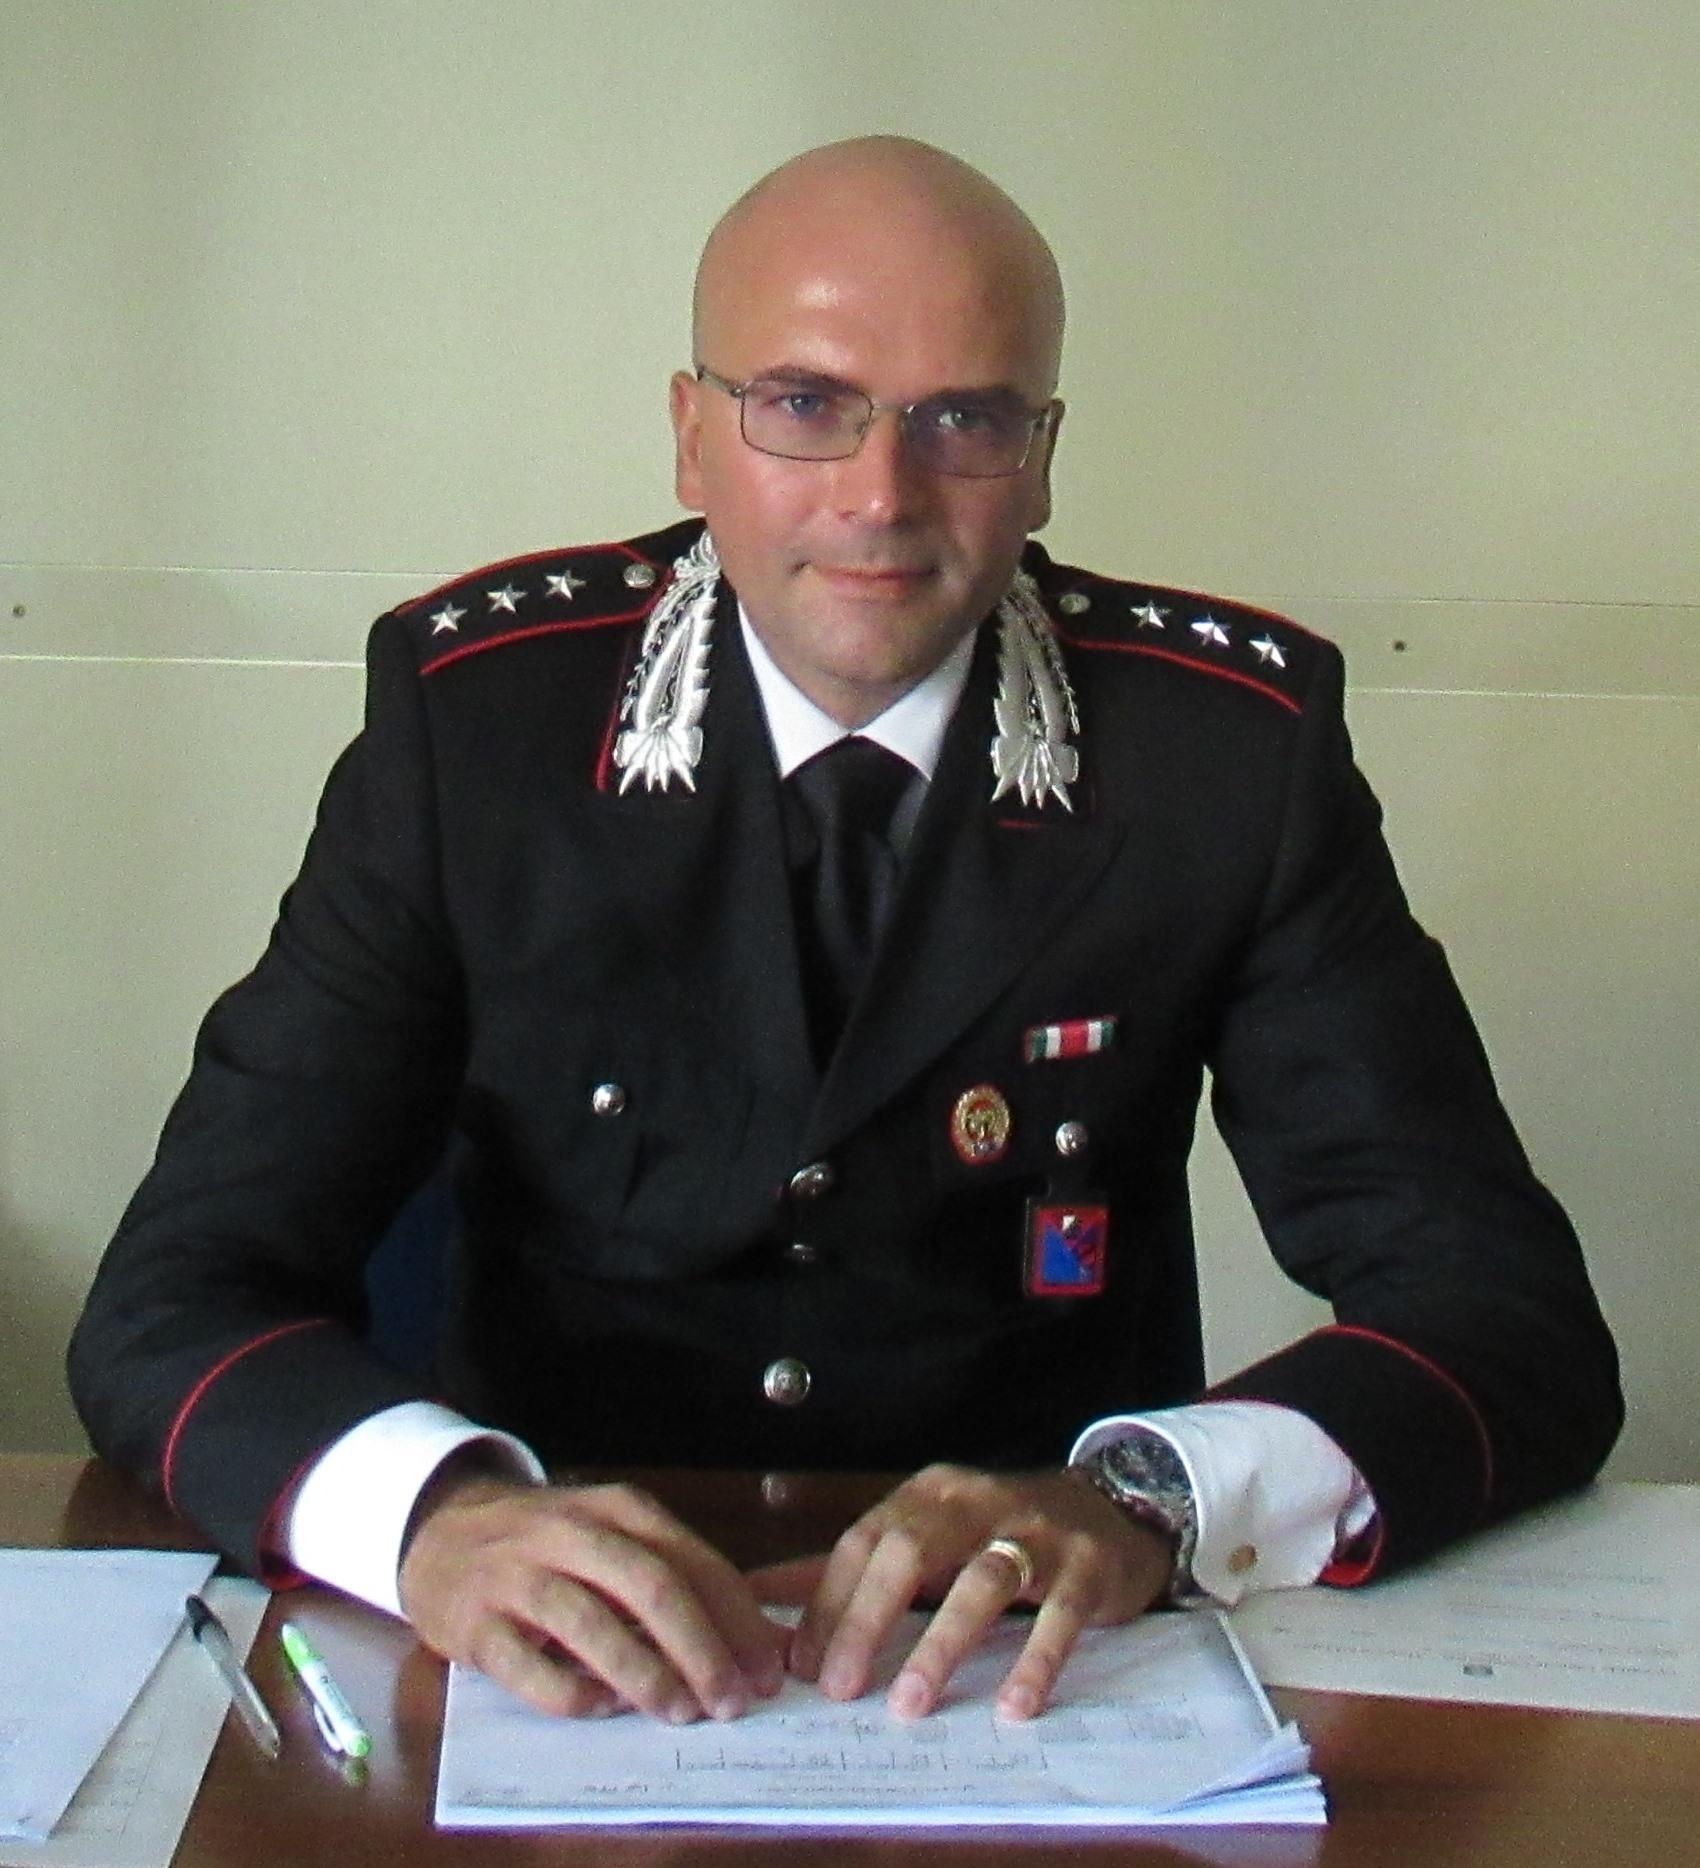 Il Capitano Vincenzo Falce è il nuovo Comandante della Compagnia Carabinieri di Benevento